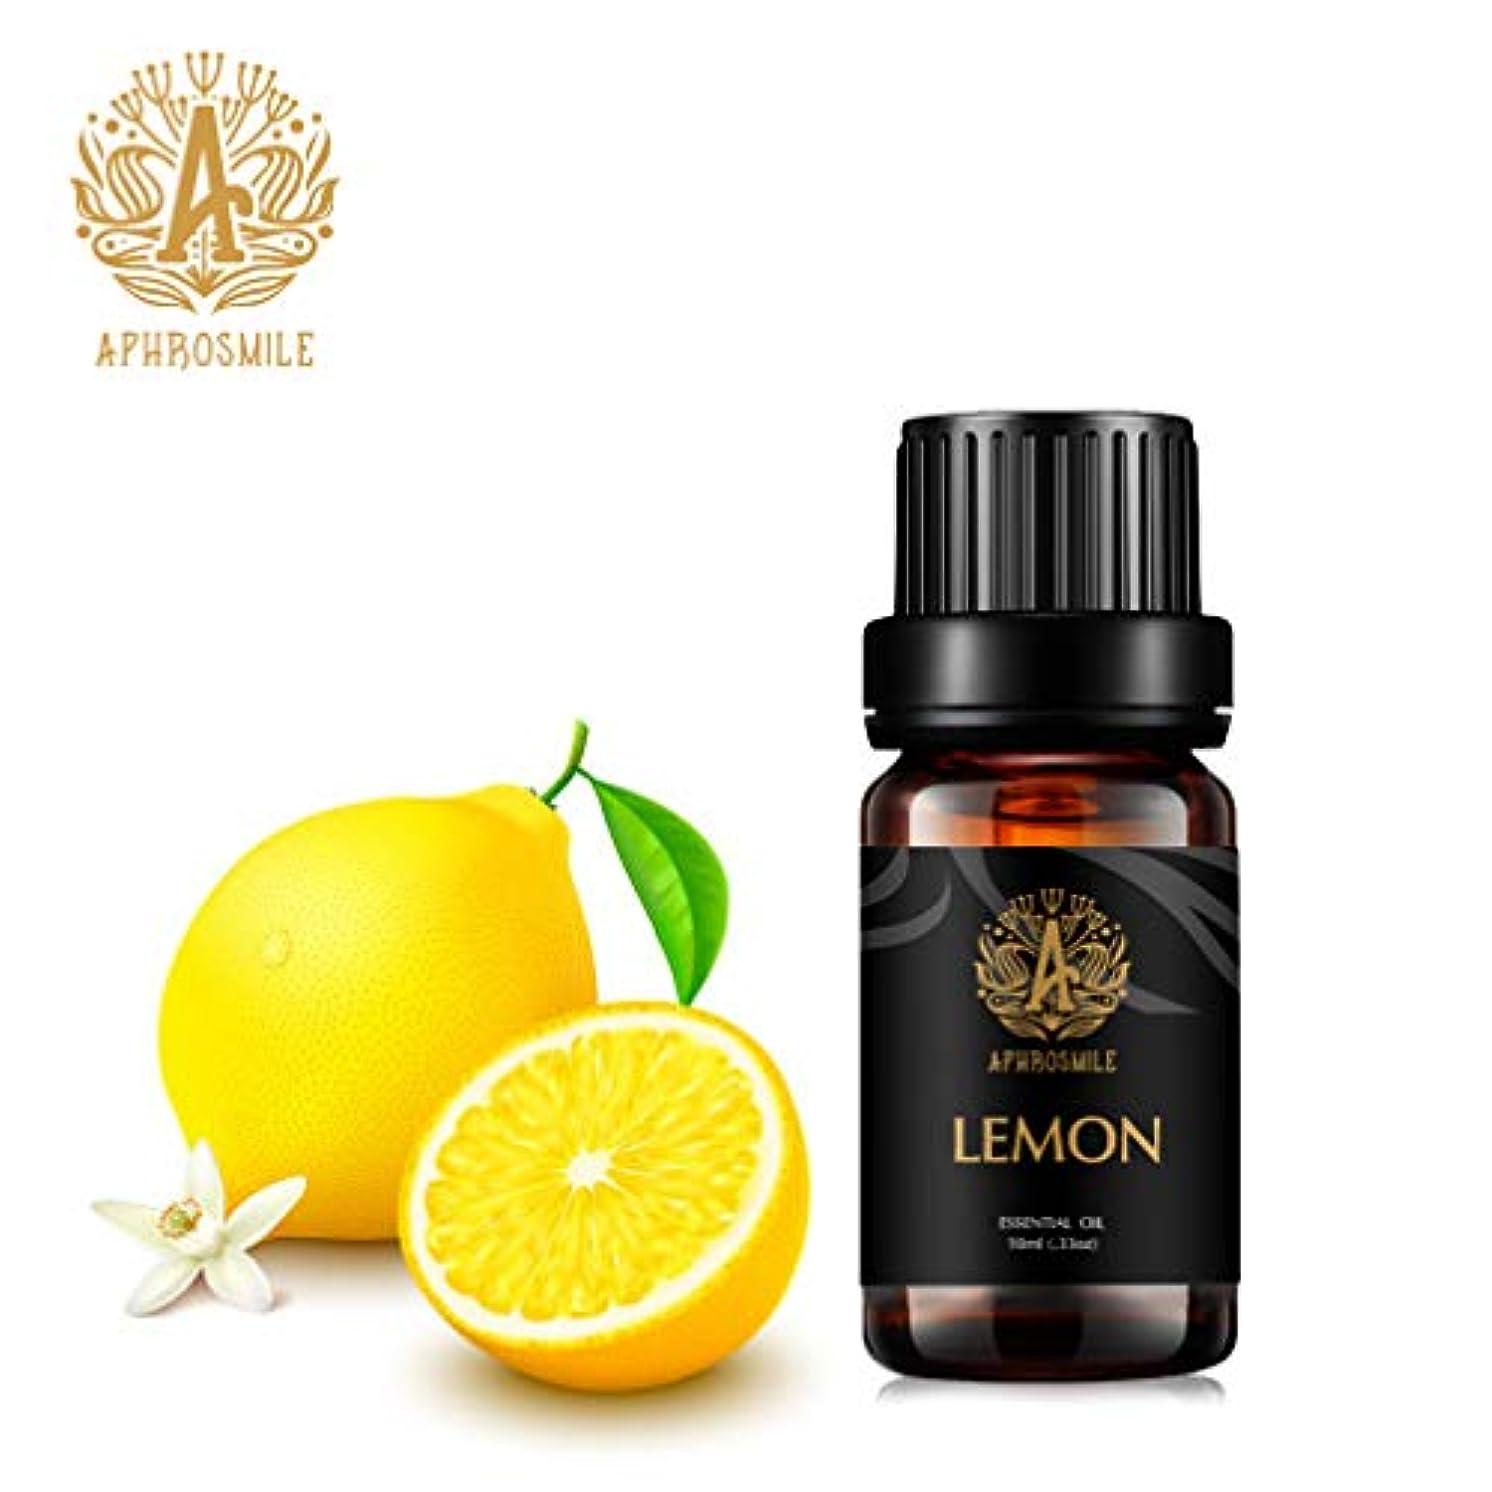 差別的エレメンタル貞レモン精油、100%純粋なアロマセラピーエッセンシャルオイルレモンの香り、クレンジングとし、空気を浄化します、治療用グレードエッセンシャルオイルレモンの香り為にディフューザー、マッサージ、加湿器、デイリーケア、0.33オンス...